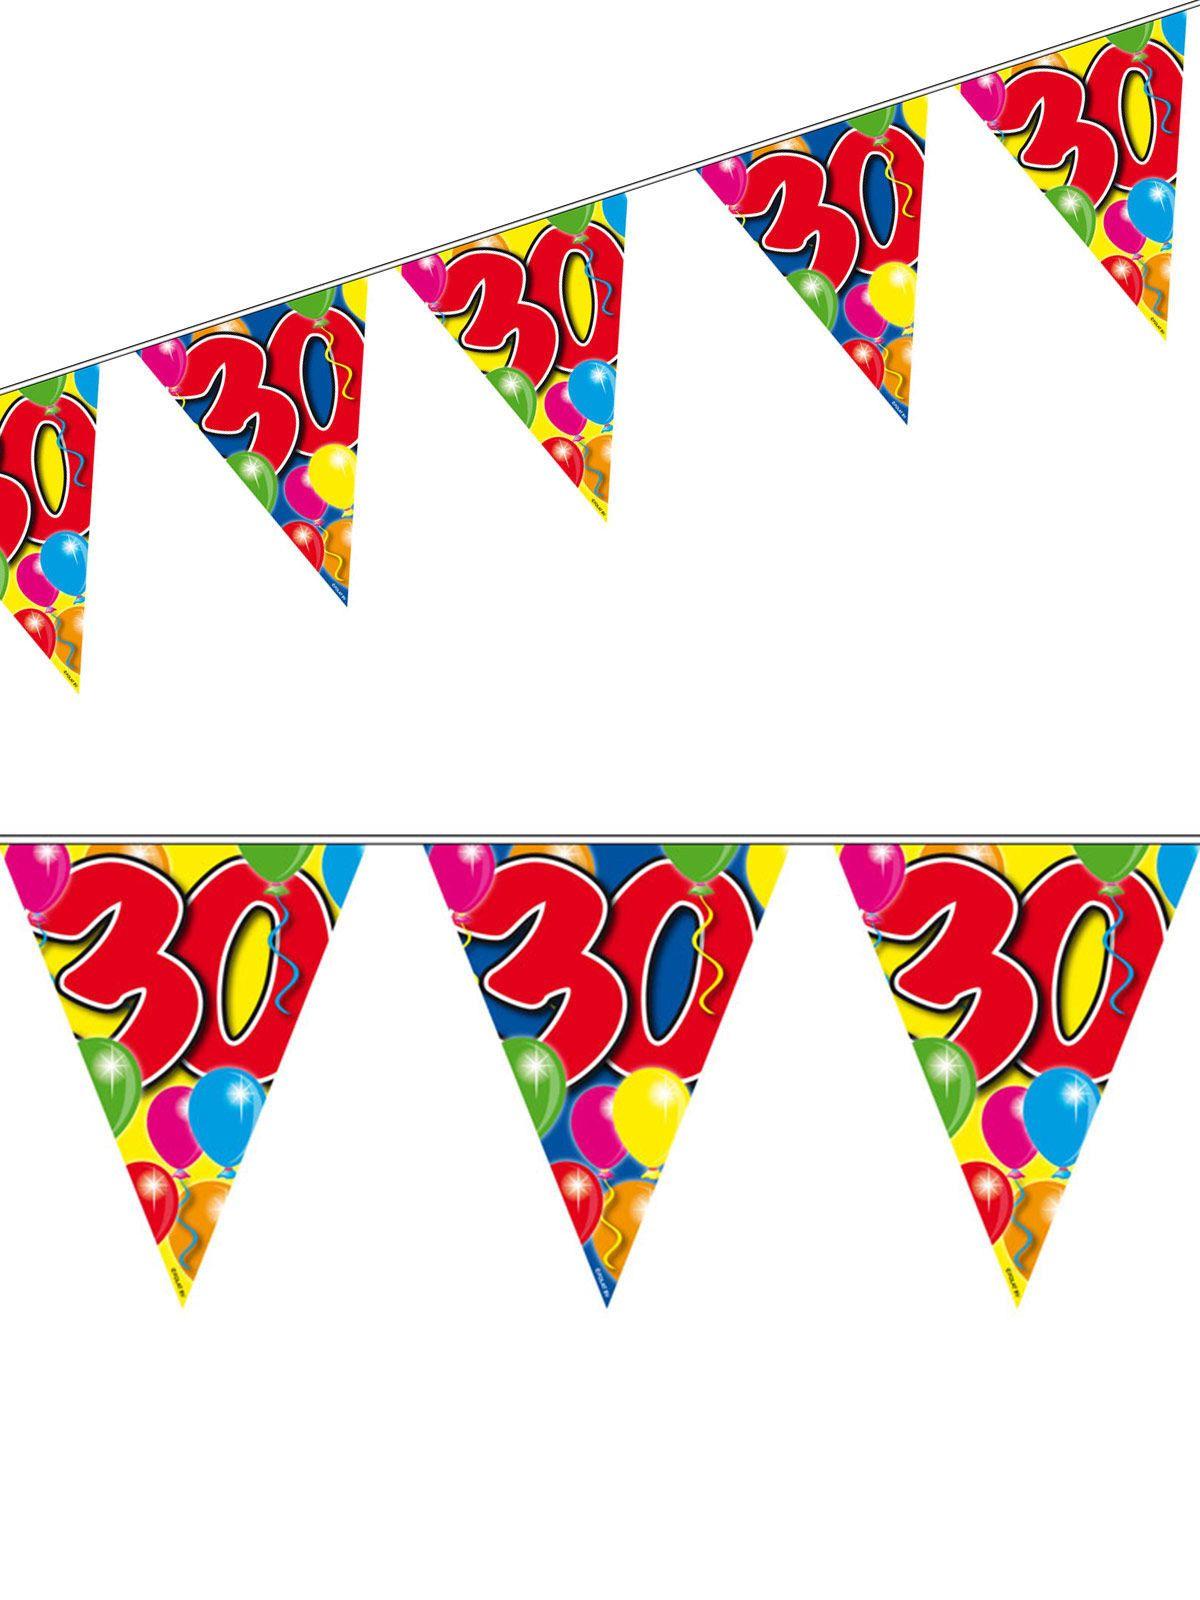 Exactement ce quil faut pour anniversaires /& go/ûter danniversaire Guirlande danniversaire Happy Birthday D/écoration tendance pour f/ête pastel guirlande comme d/éco danniversaire 150 x 13,8 cm